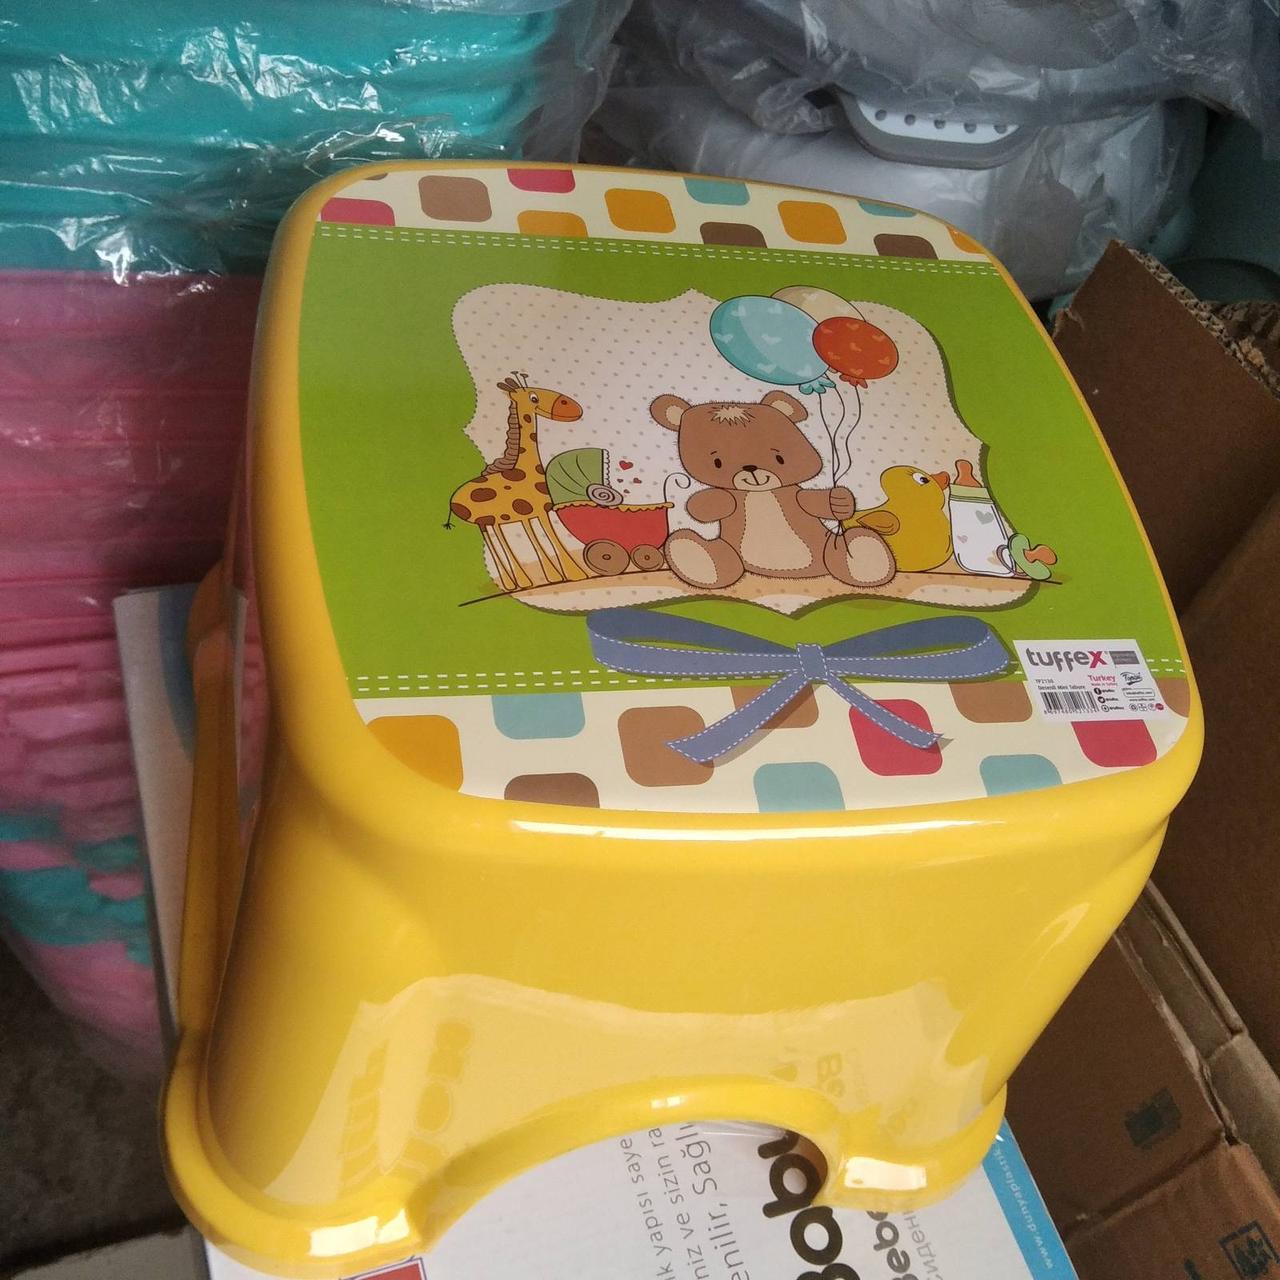 Табурет дитячий стілець-підставка стільчик ТР 2130 Туреччина жовтий ведмедик